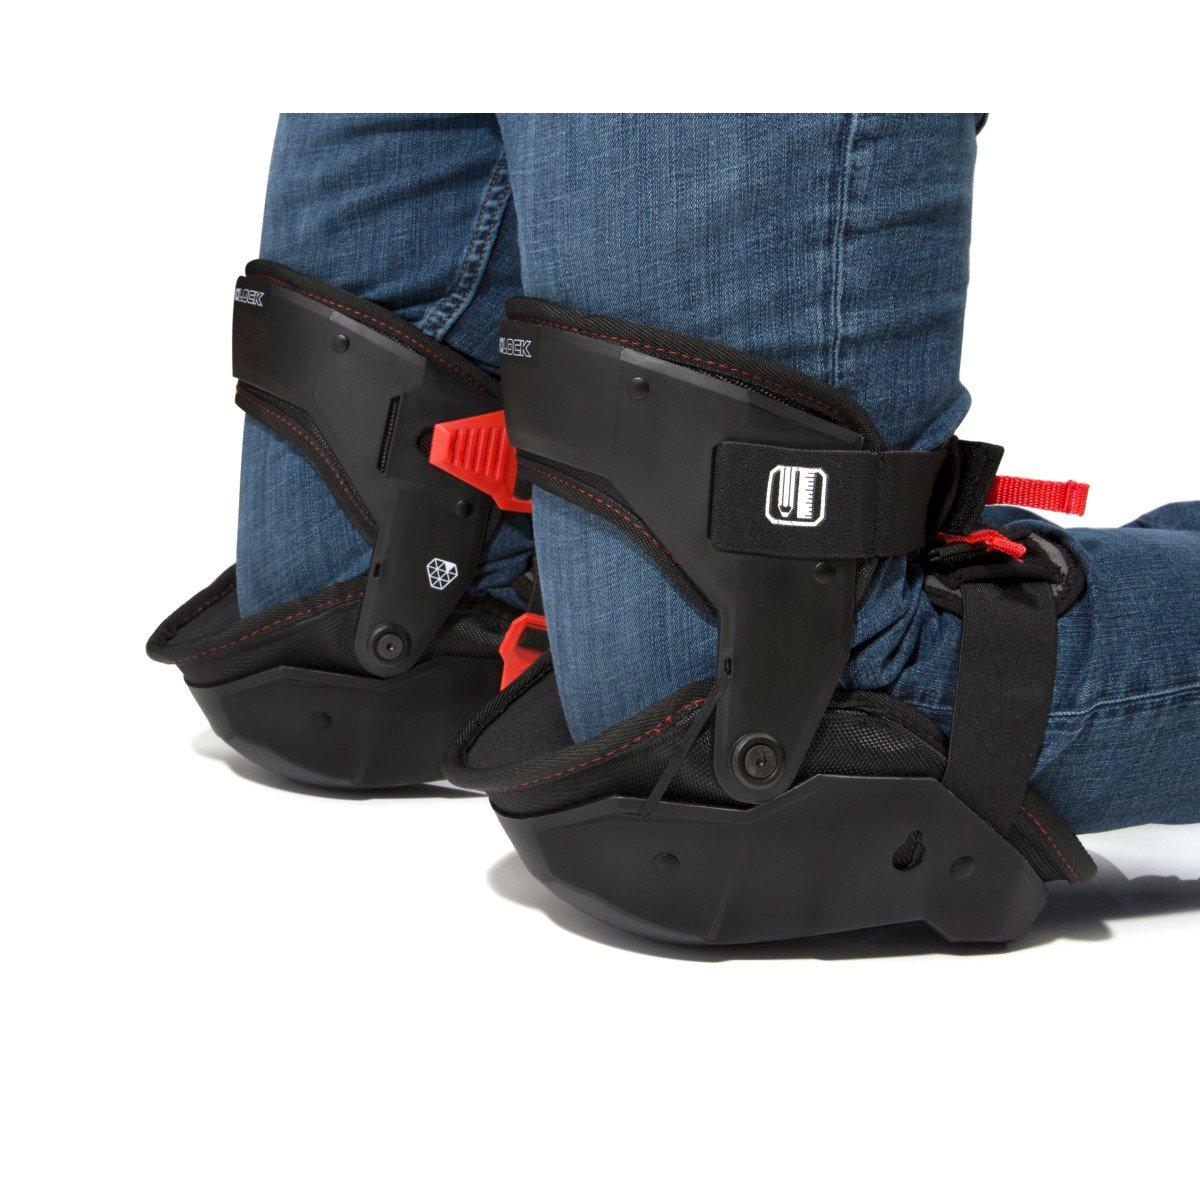 PROLOCK PLK08 93183 Gel Knee Pads Plus (1 pair) by PROLOCK (Image #8)